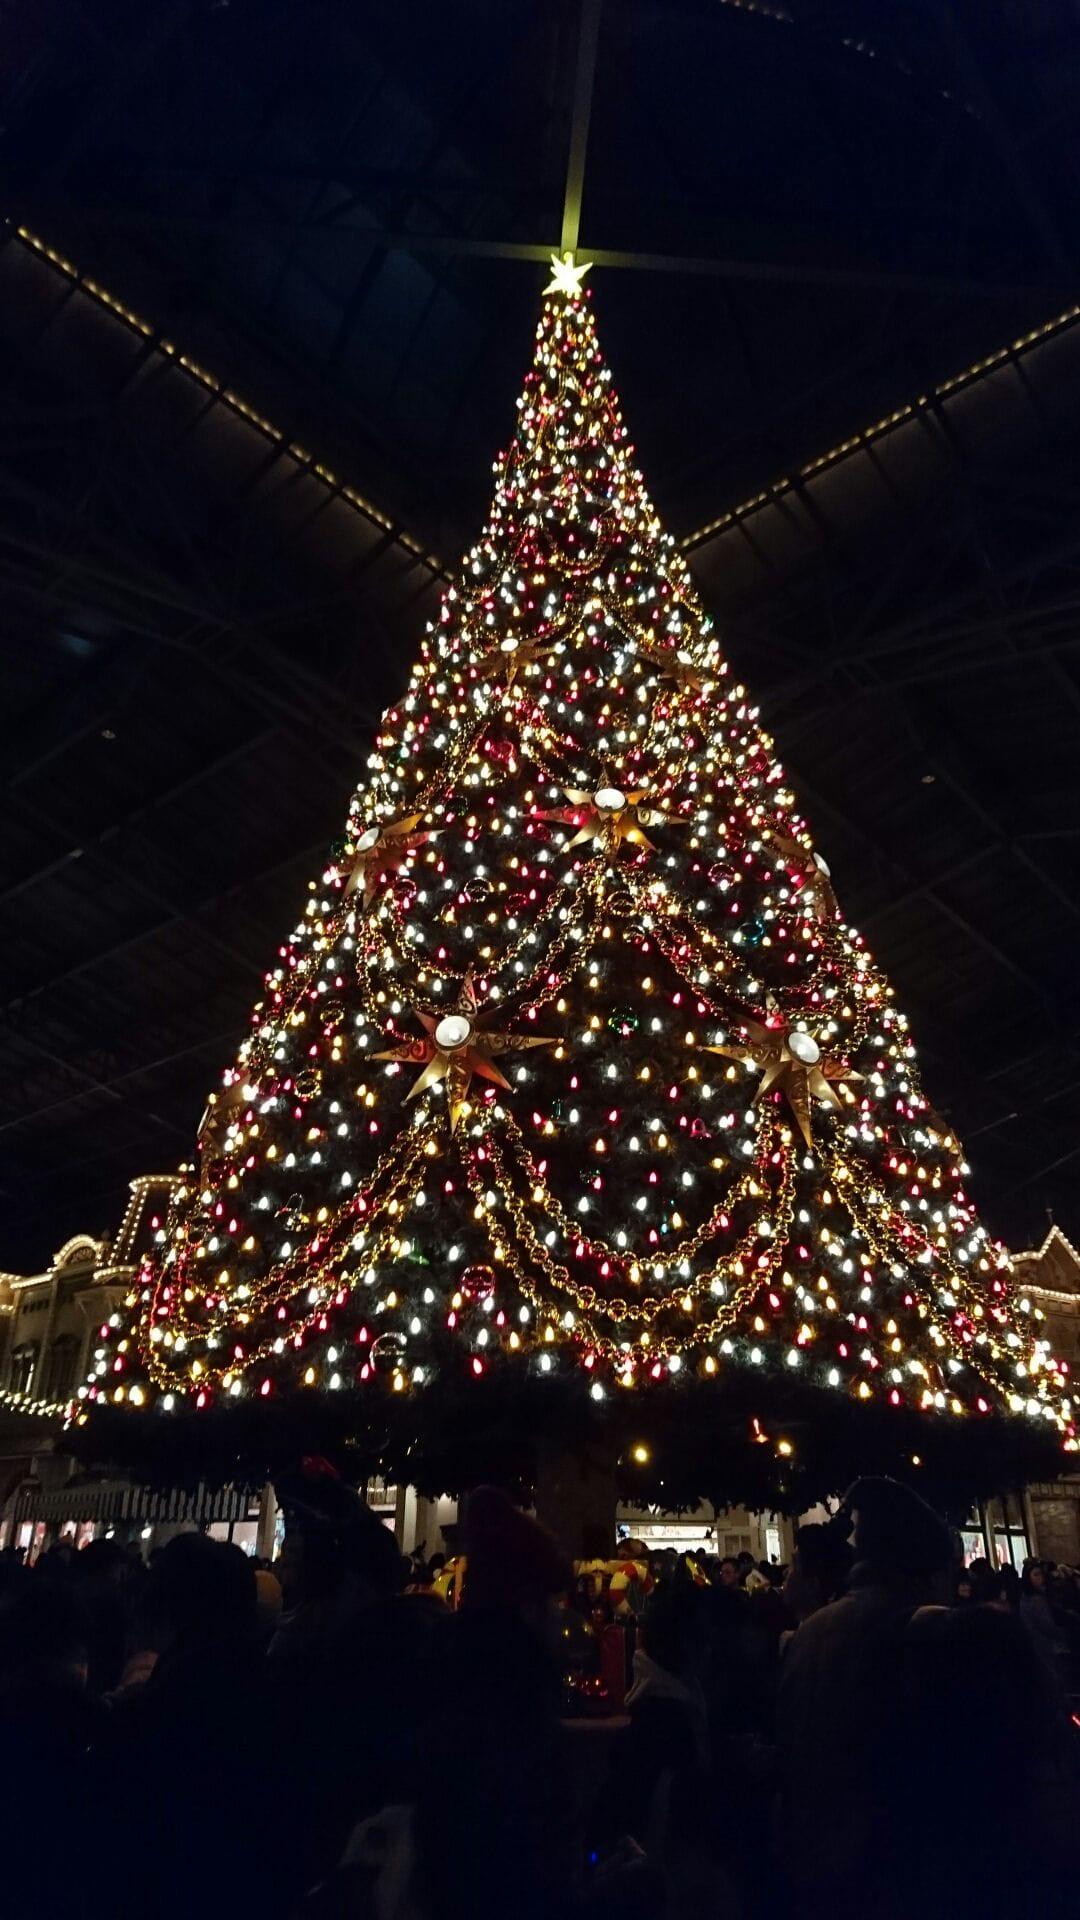 「クリスマスー!!!」12/14(木) 21:24 | あすかの写メ・風俗動画